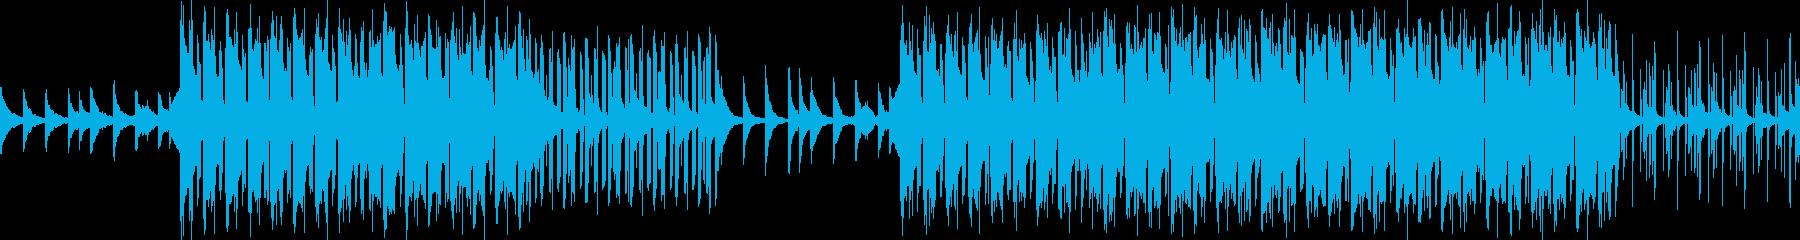 ループ可能・ダークなヒップホップビートの再生済みの波形